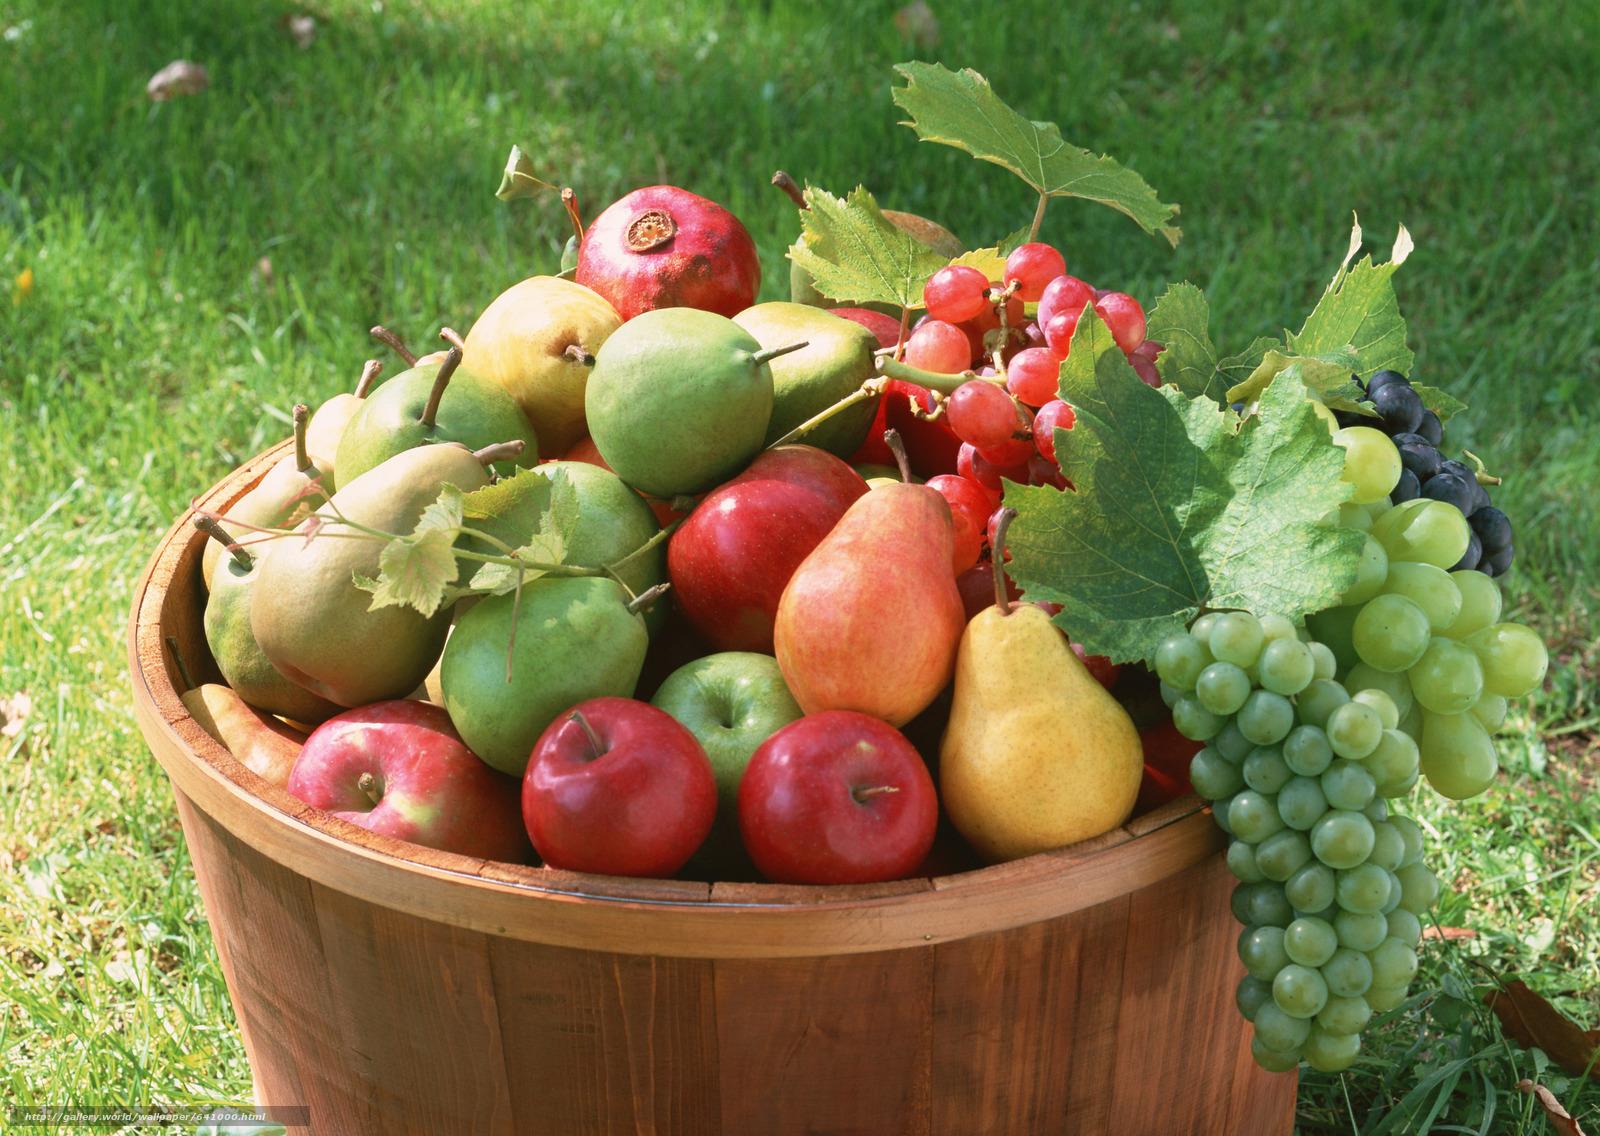 descarca imagini de fundal fruct,  fel de mâncare făcut,  floră,  plante Imagini de fundal gratuite pentru rezoluia desktop 2950x2094 — imagine №641000